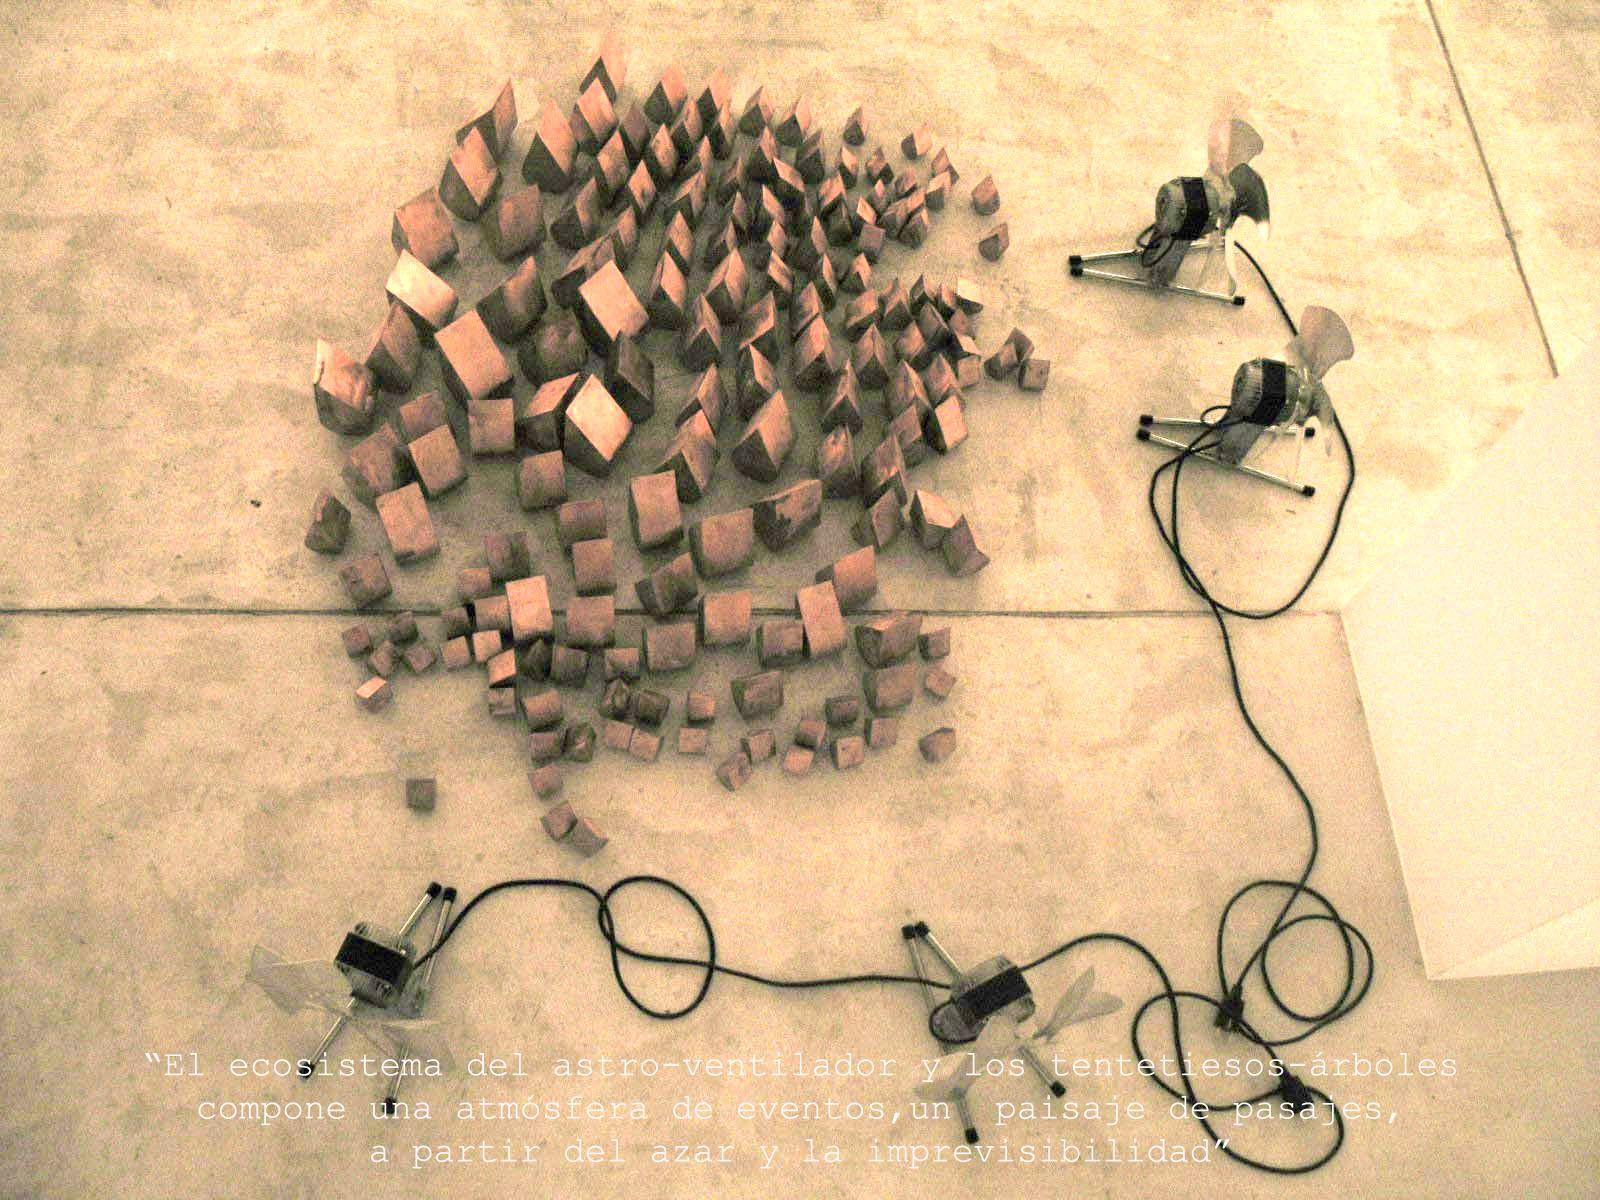 Artista: JOSÉ LUIS CONDE; Título: CANON PERPETUO; Exposición: ARTE JONDO; Exposición colectiva para la Nit de l'Art con motivo del primer aniversario de ABA, 2005. Comisario: FERNANDO GÓMEZ DE LA CUESTA.